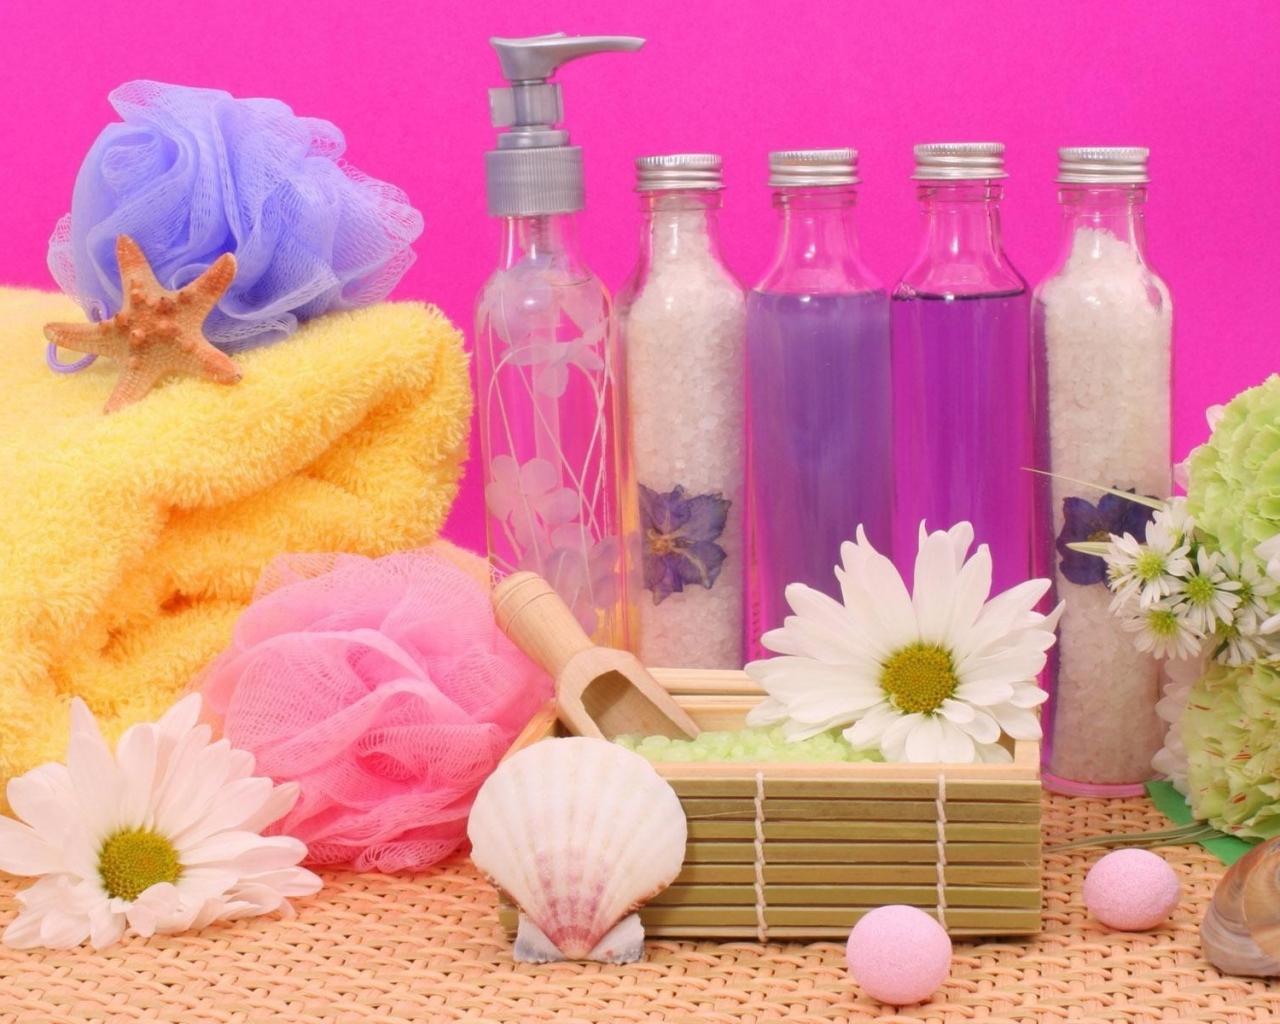 Flores y aromas - 1280x1024